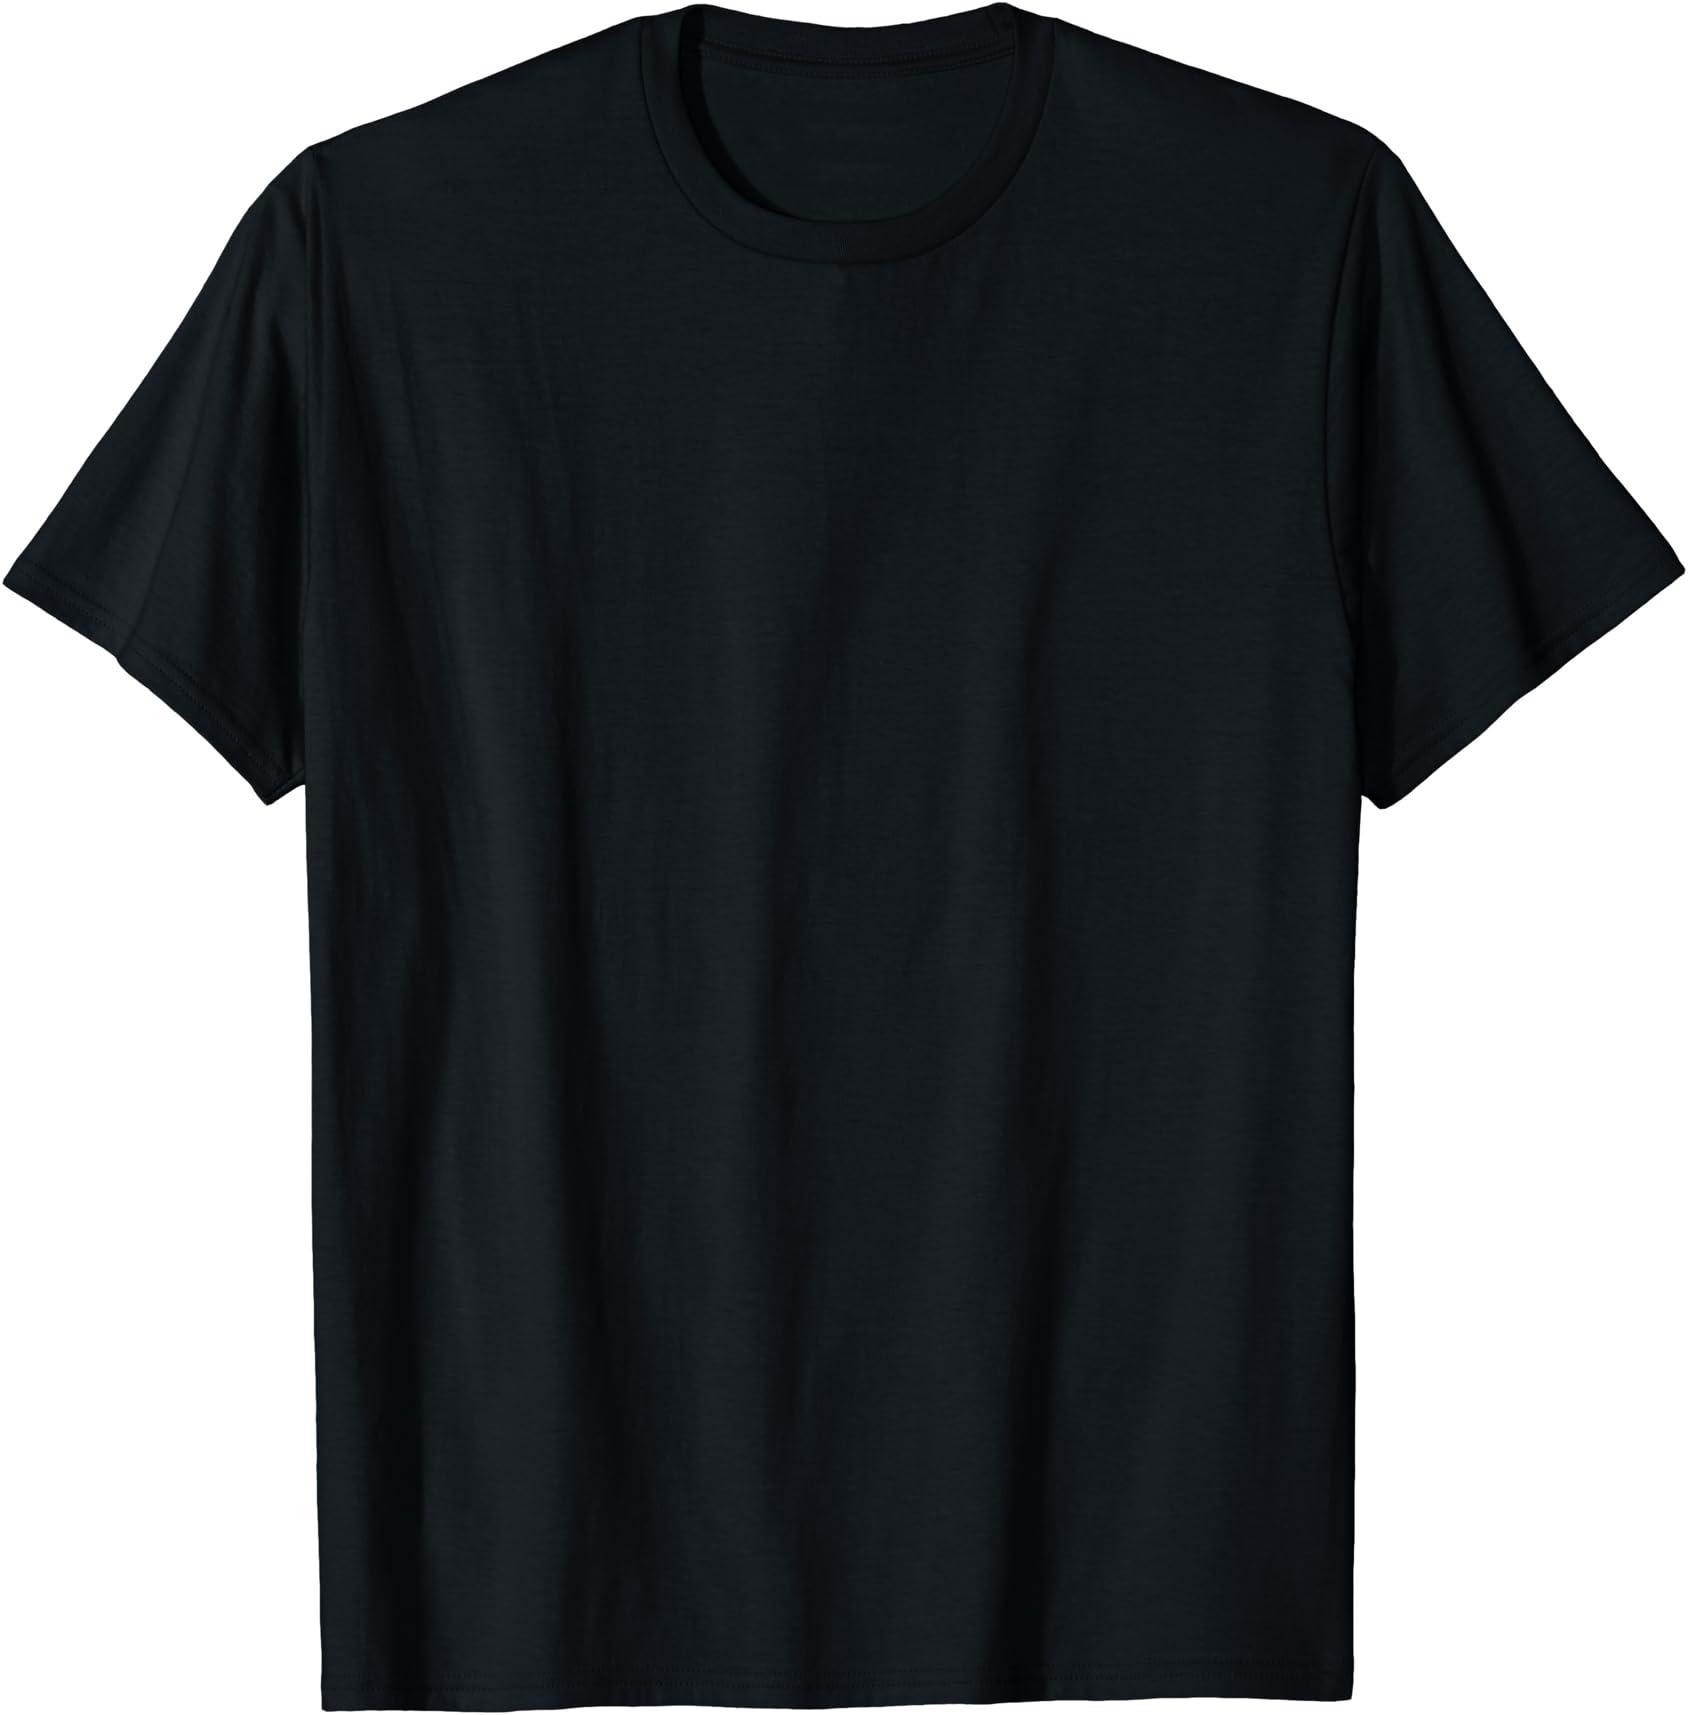 Laissez Les Bon Temps Roulez Black Adult T-Shirt